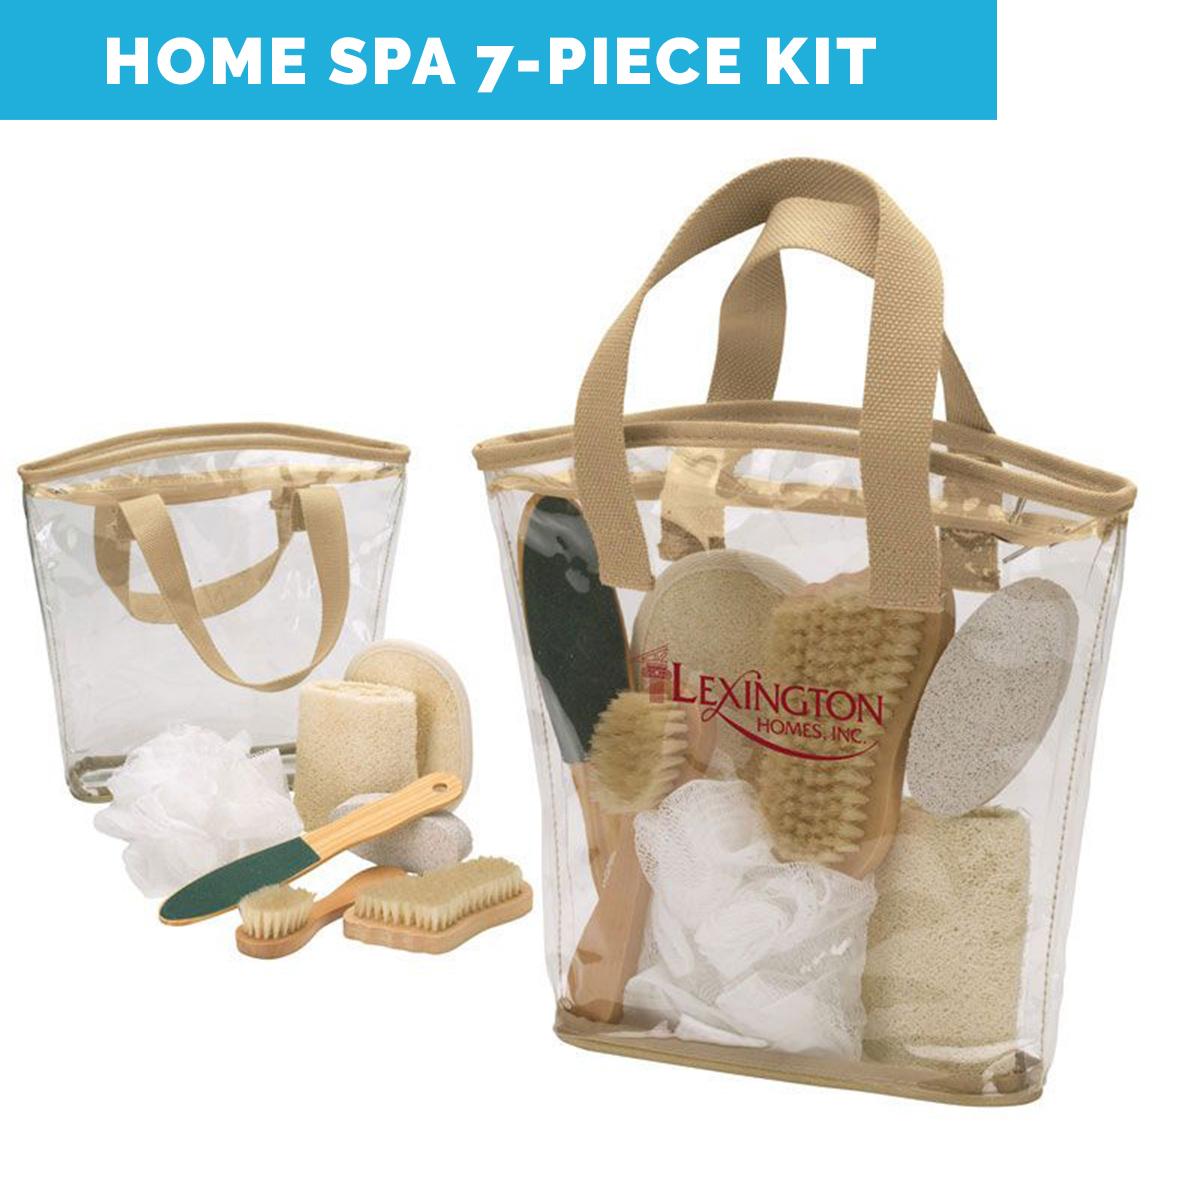 custom branded spa relaxation kit